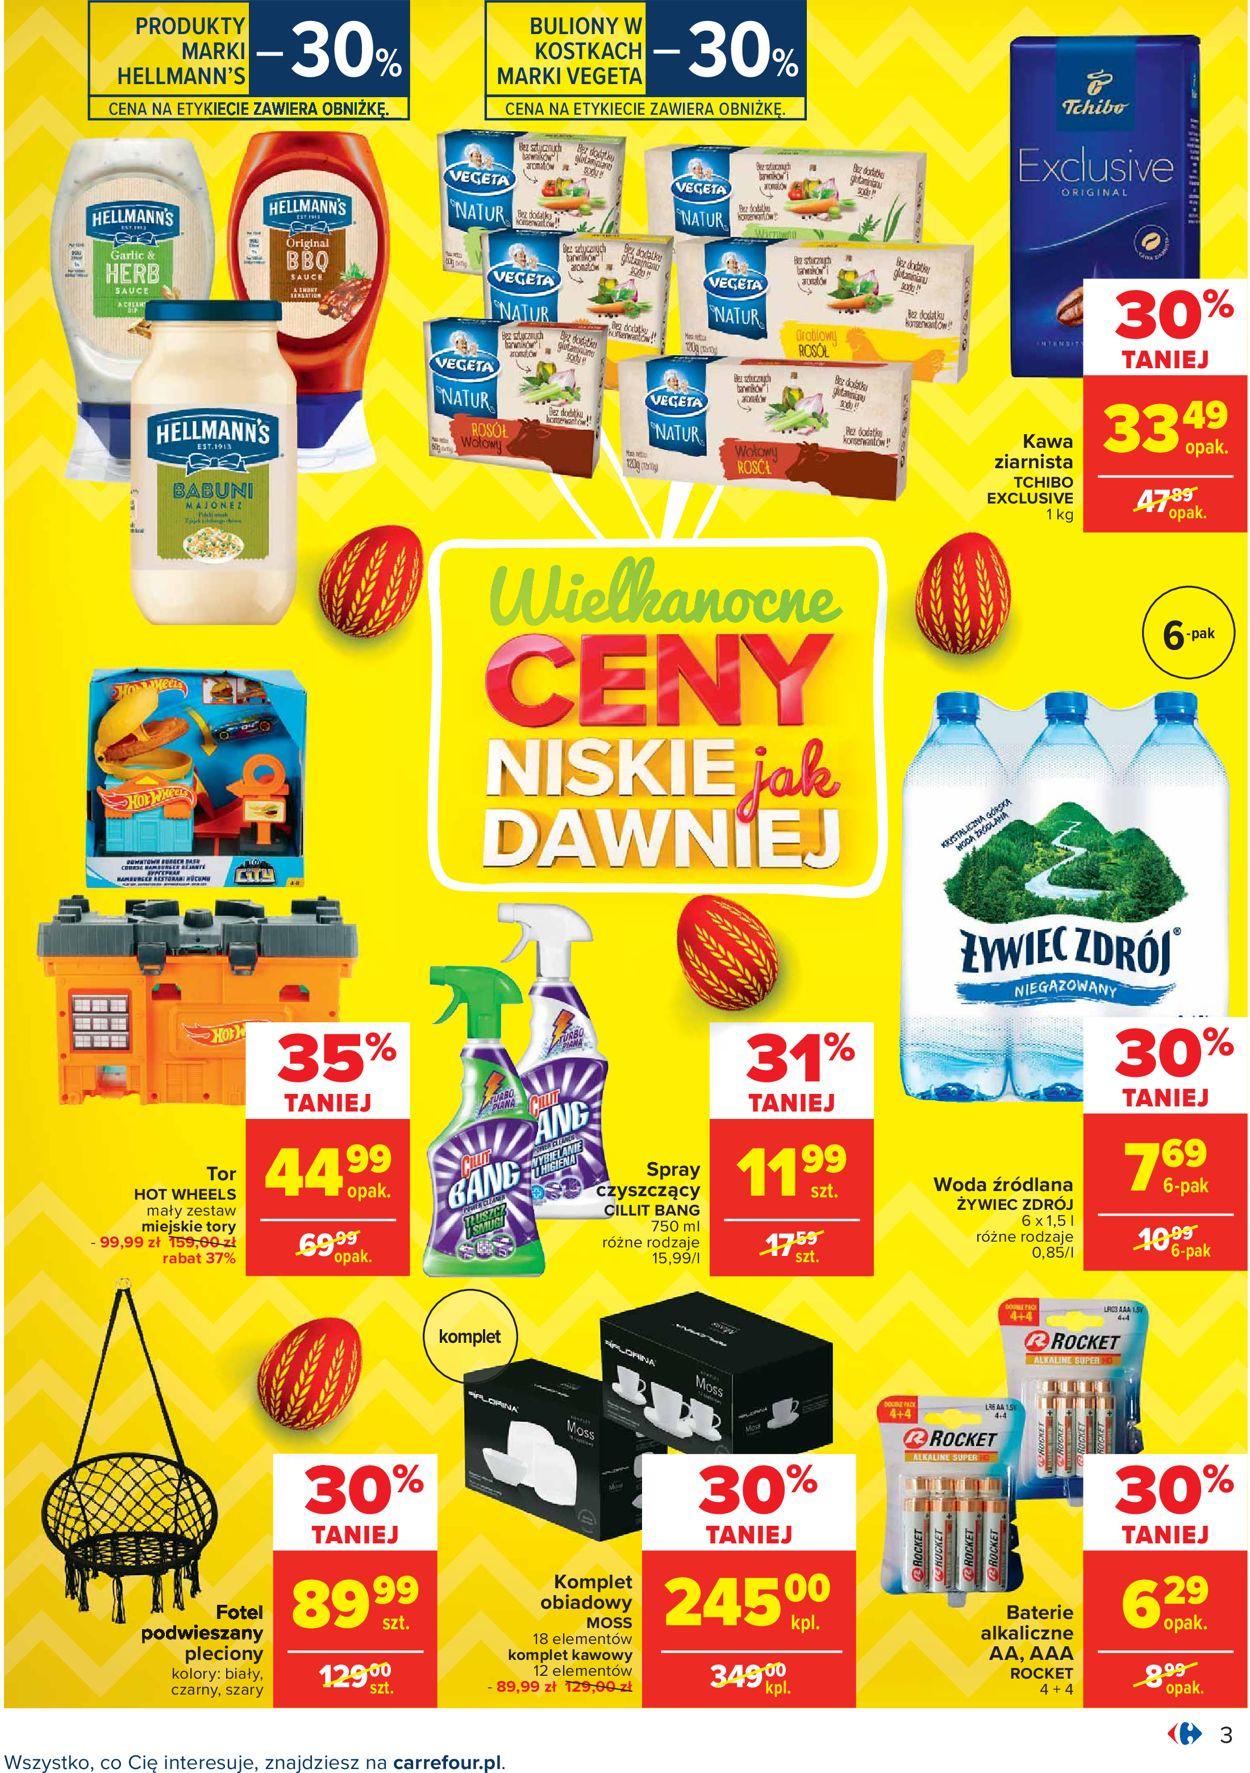 Gazetka promocyjna Carrefour Wielkanoc 2021! - 29.03-03.04.2021 (Strona 3)